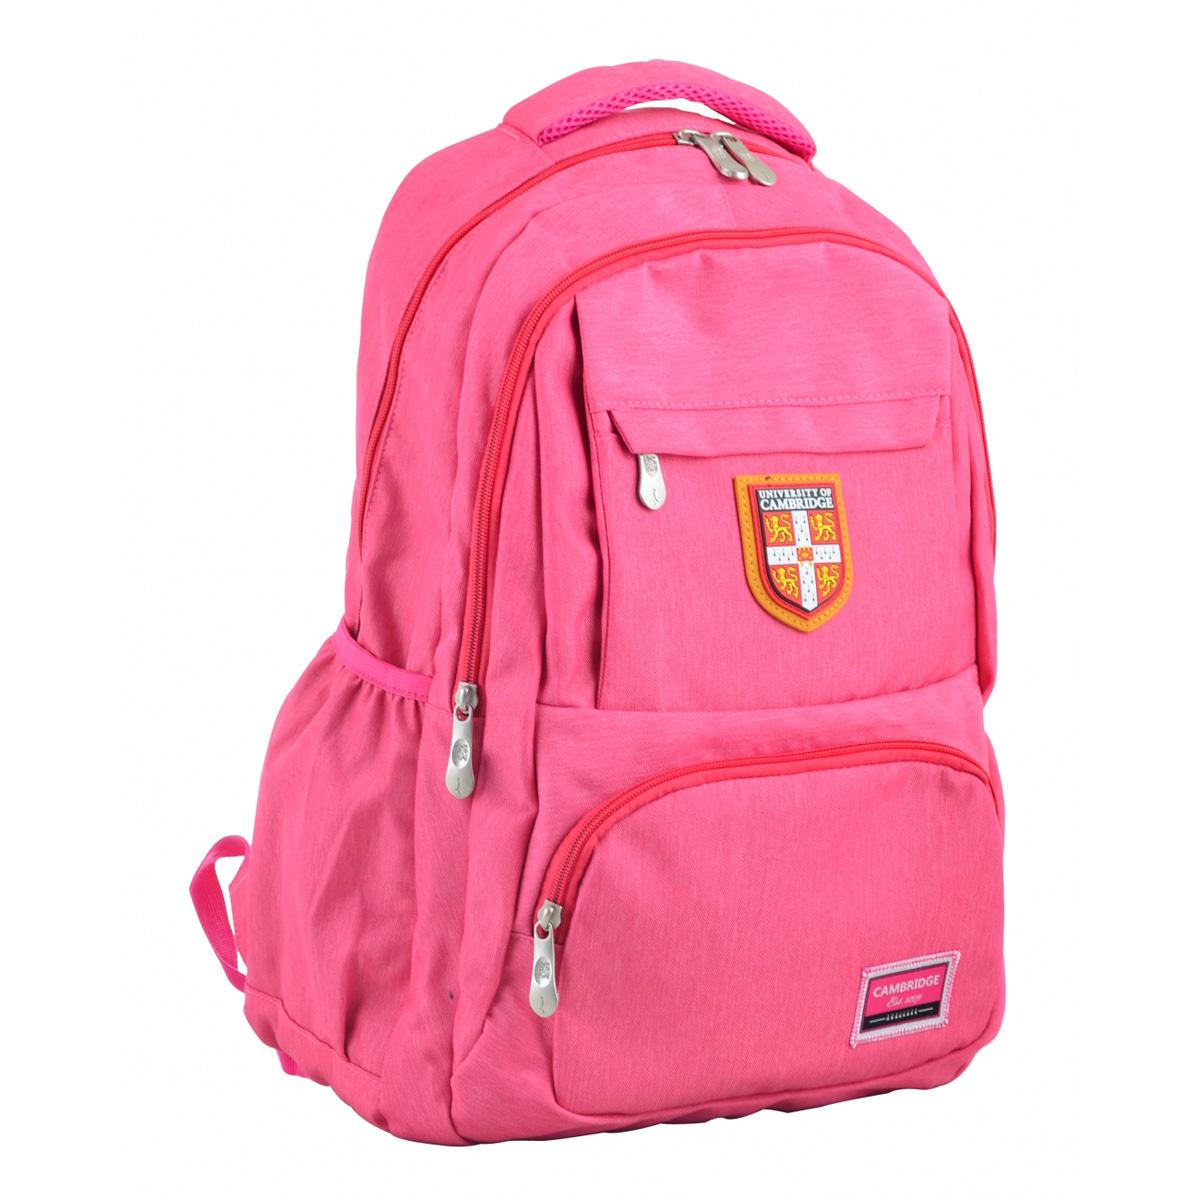 Рюкзак молодежный CA 145, 48х30х15, розовый